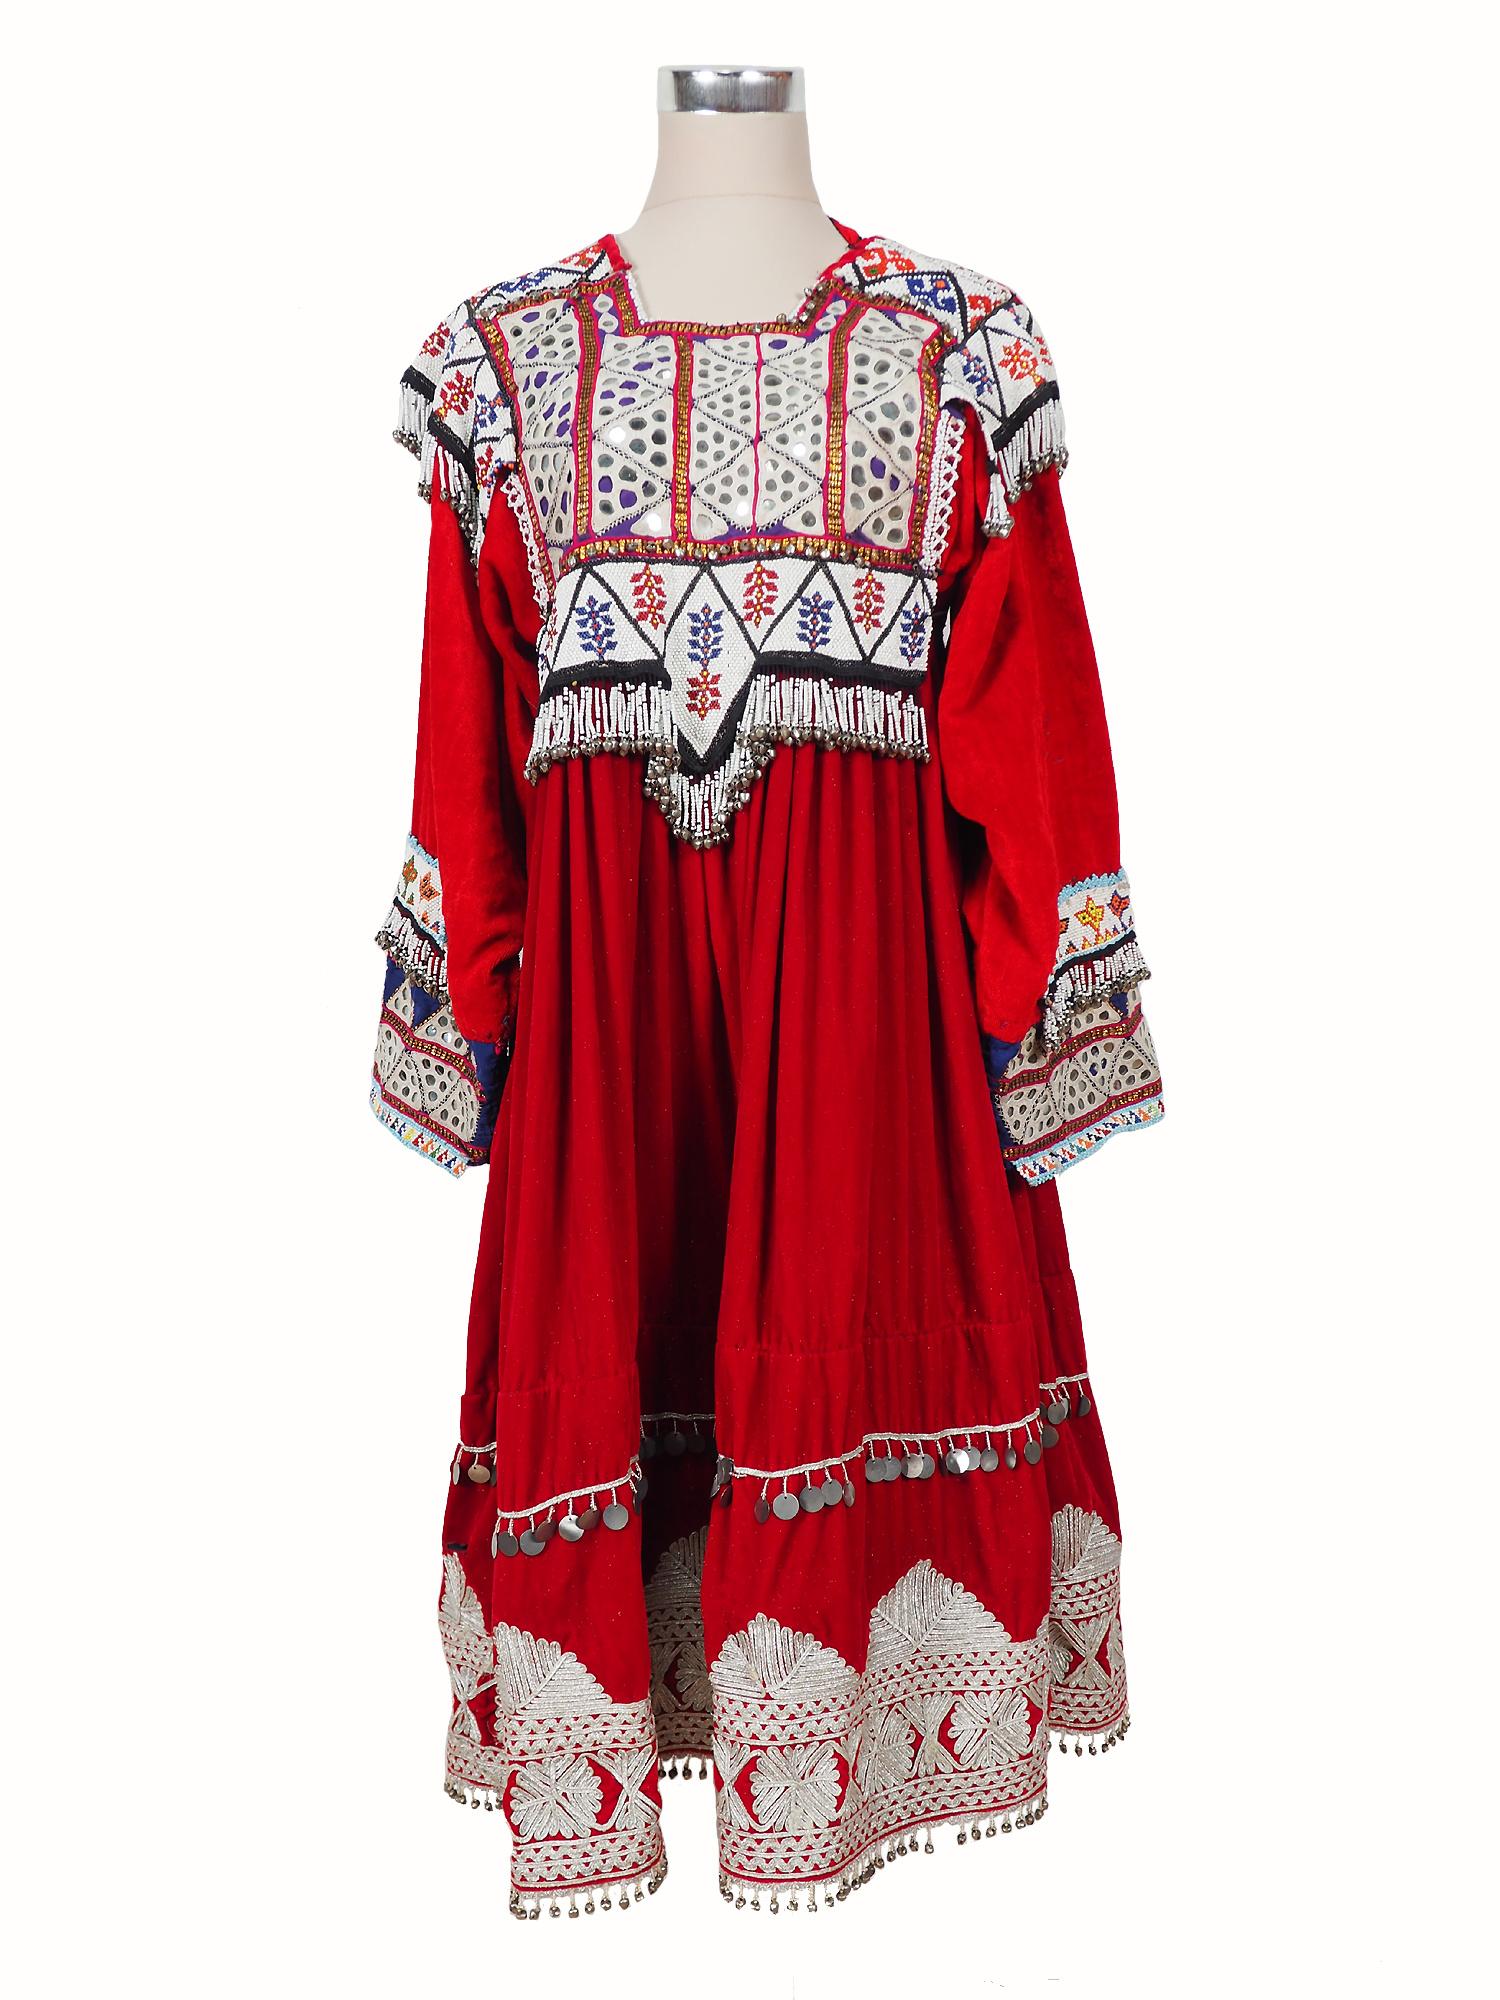 vintage hand embroidered nomadic Kuchi Ethnic velvet dress from Afghanistan No-WL21-6